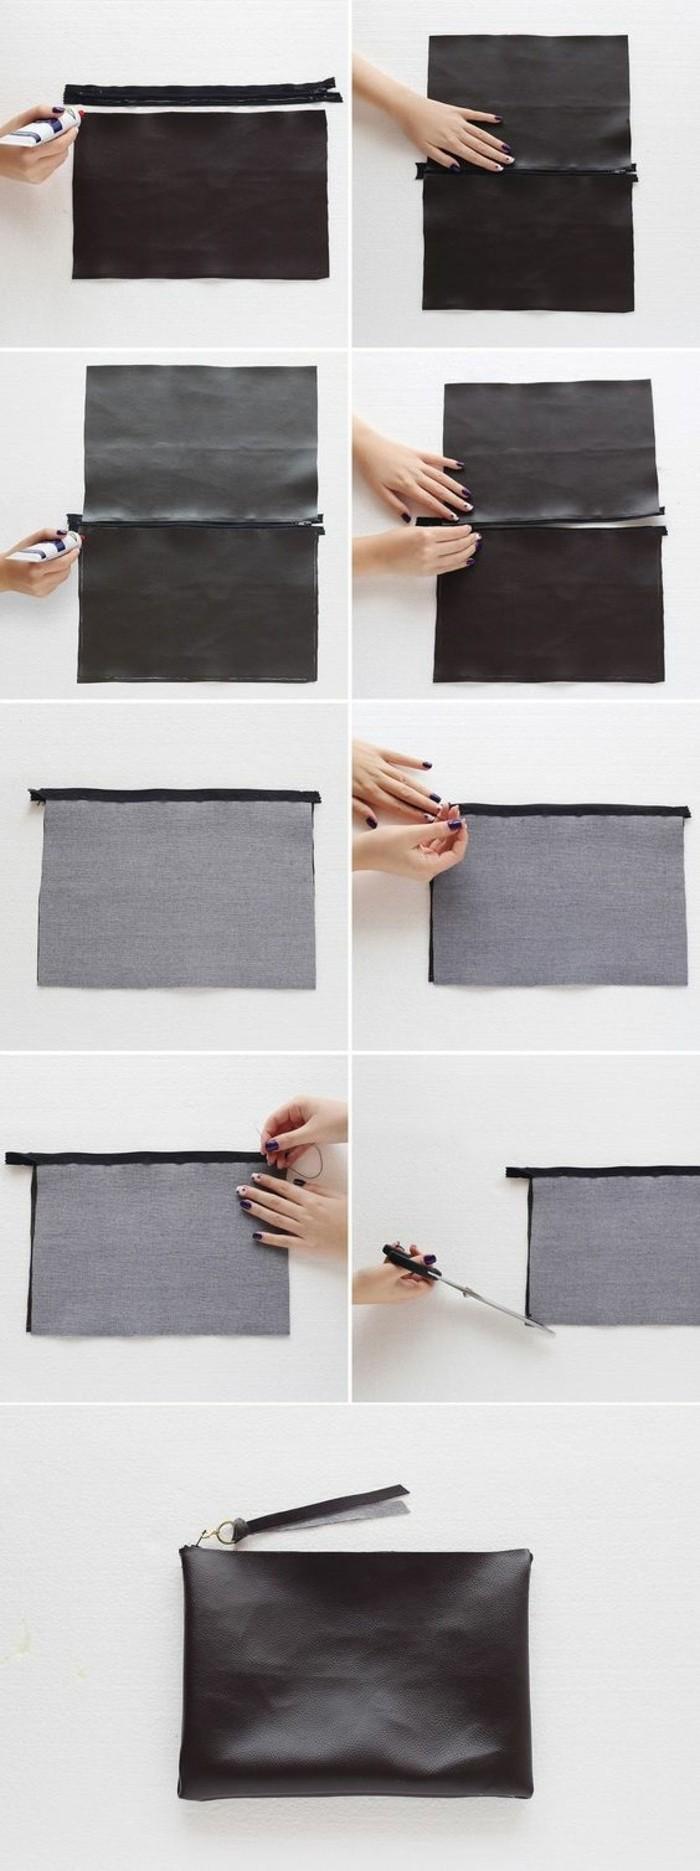 tuto-pochette-non-cosue-idée-comment-faire-une-pochette-noire-sans-coudre-avec-de-la-colle-étapes-de-la-fabrication